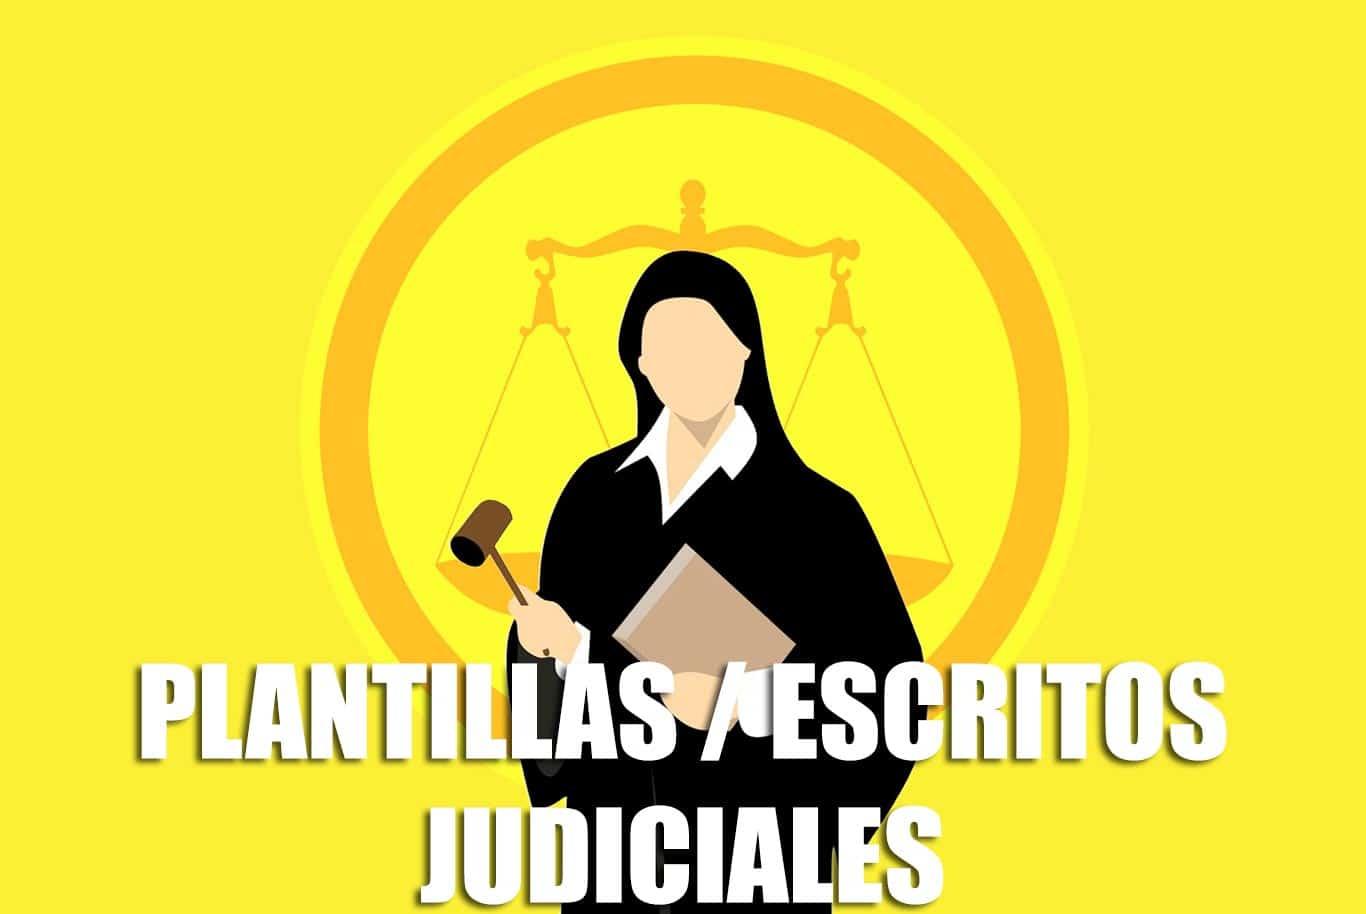 plantillas-escritos-judiciales